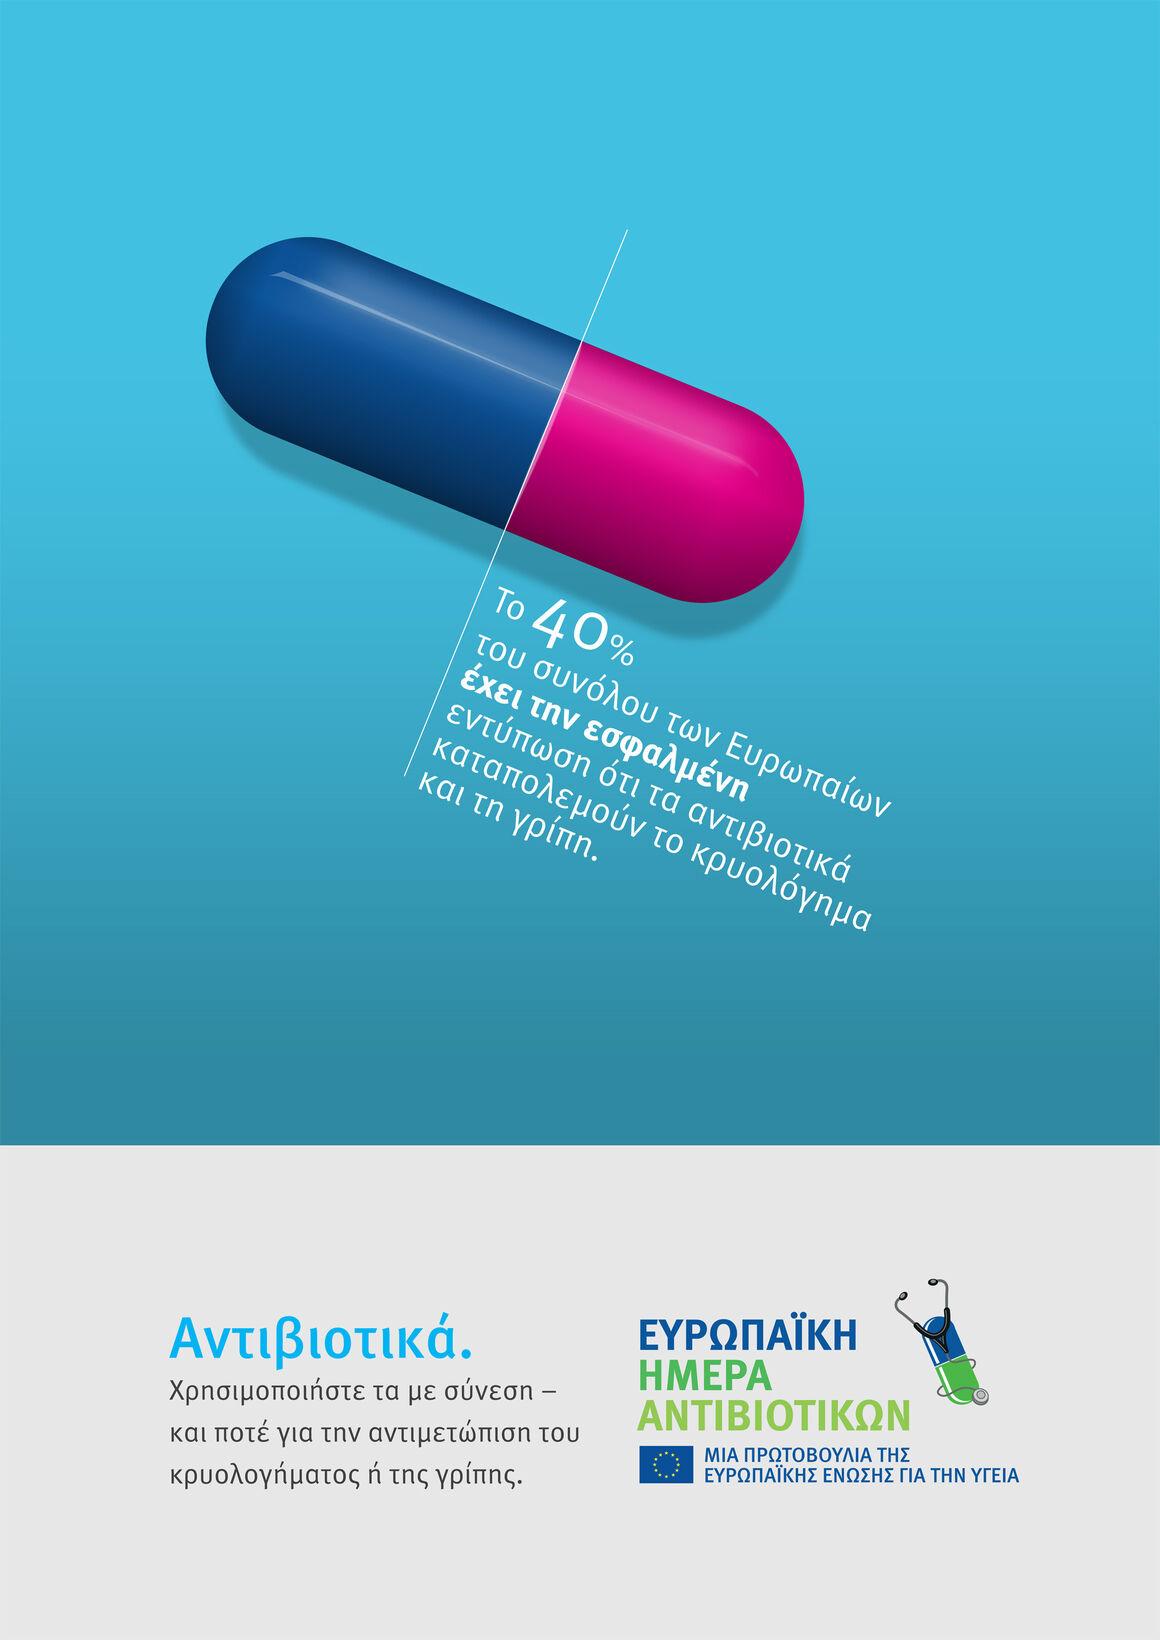 Αφίσα: Αντιβιοτικά.Χρησιμοποιήστε τα με σύνεση – και ποτέ για την αντιμετώπιση του κρυολογήματος ή της γρίπης.